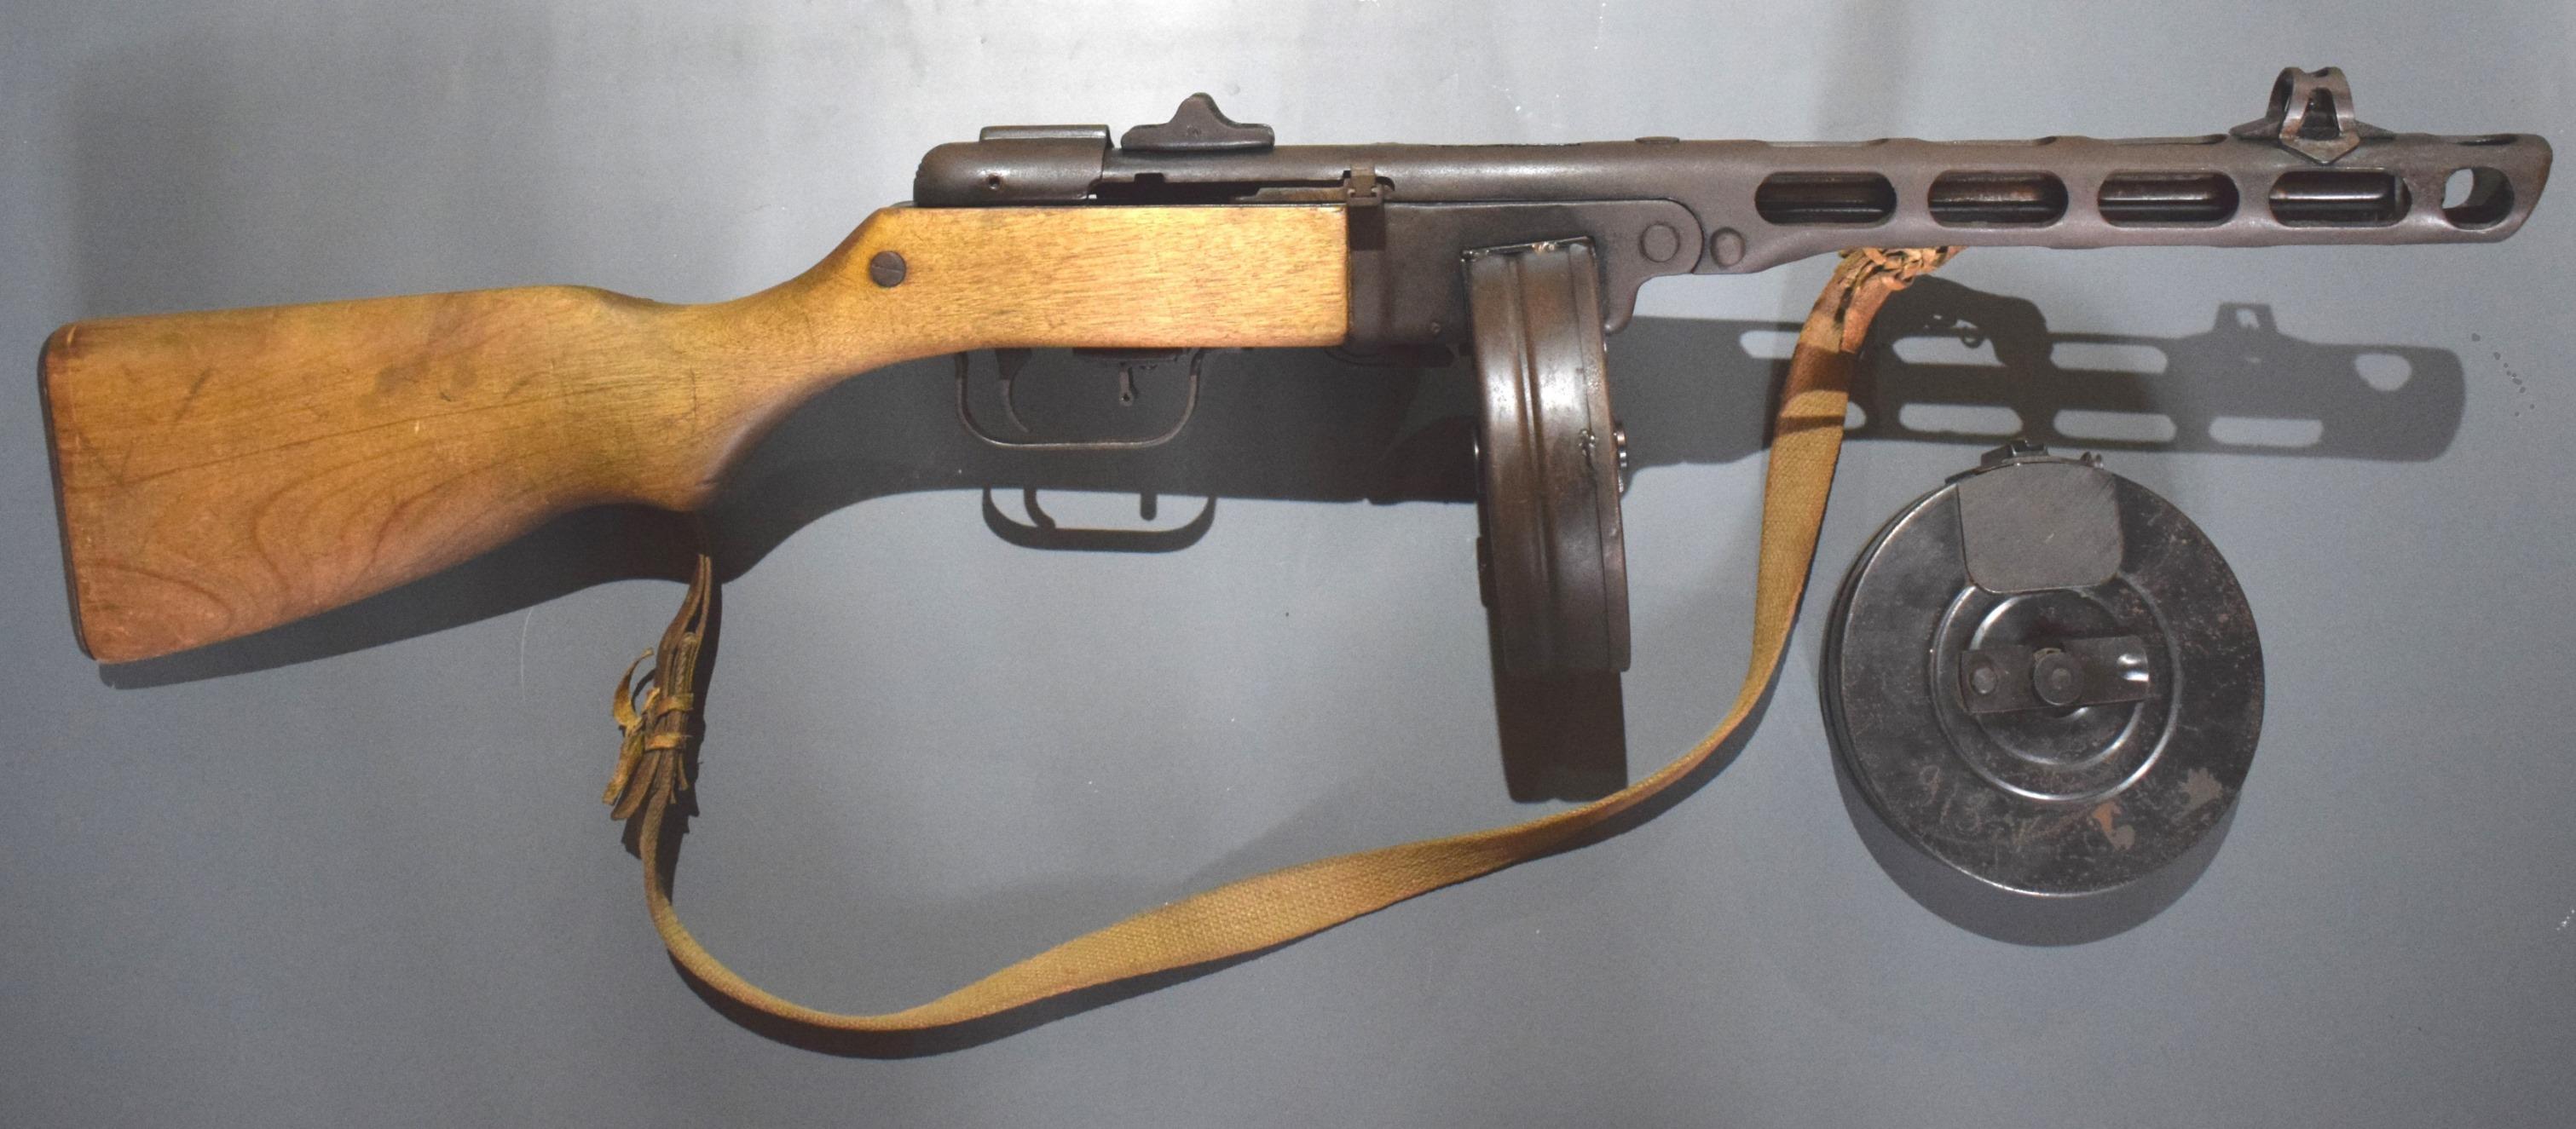 Пістолет-кулемет Шпагіна, калібру 7,62 мм, зразка 1941 р.